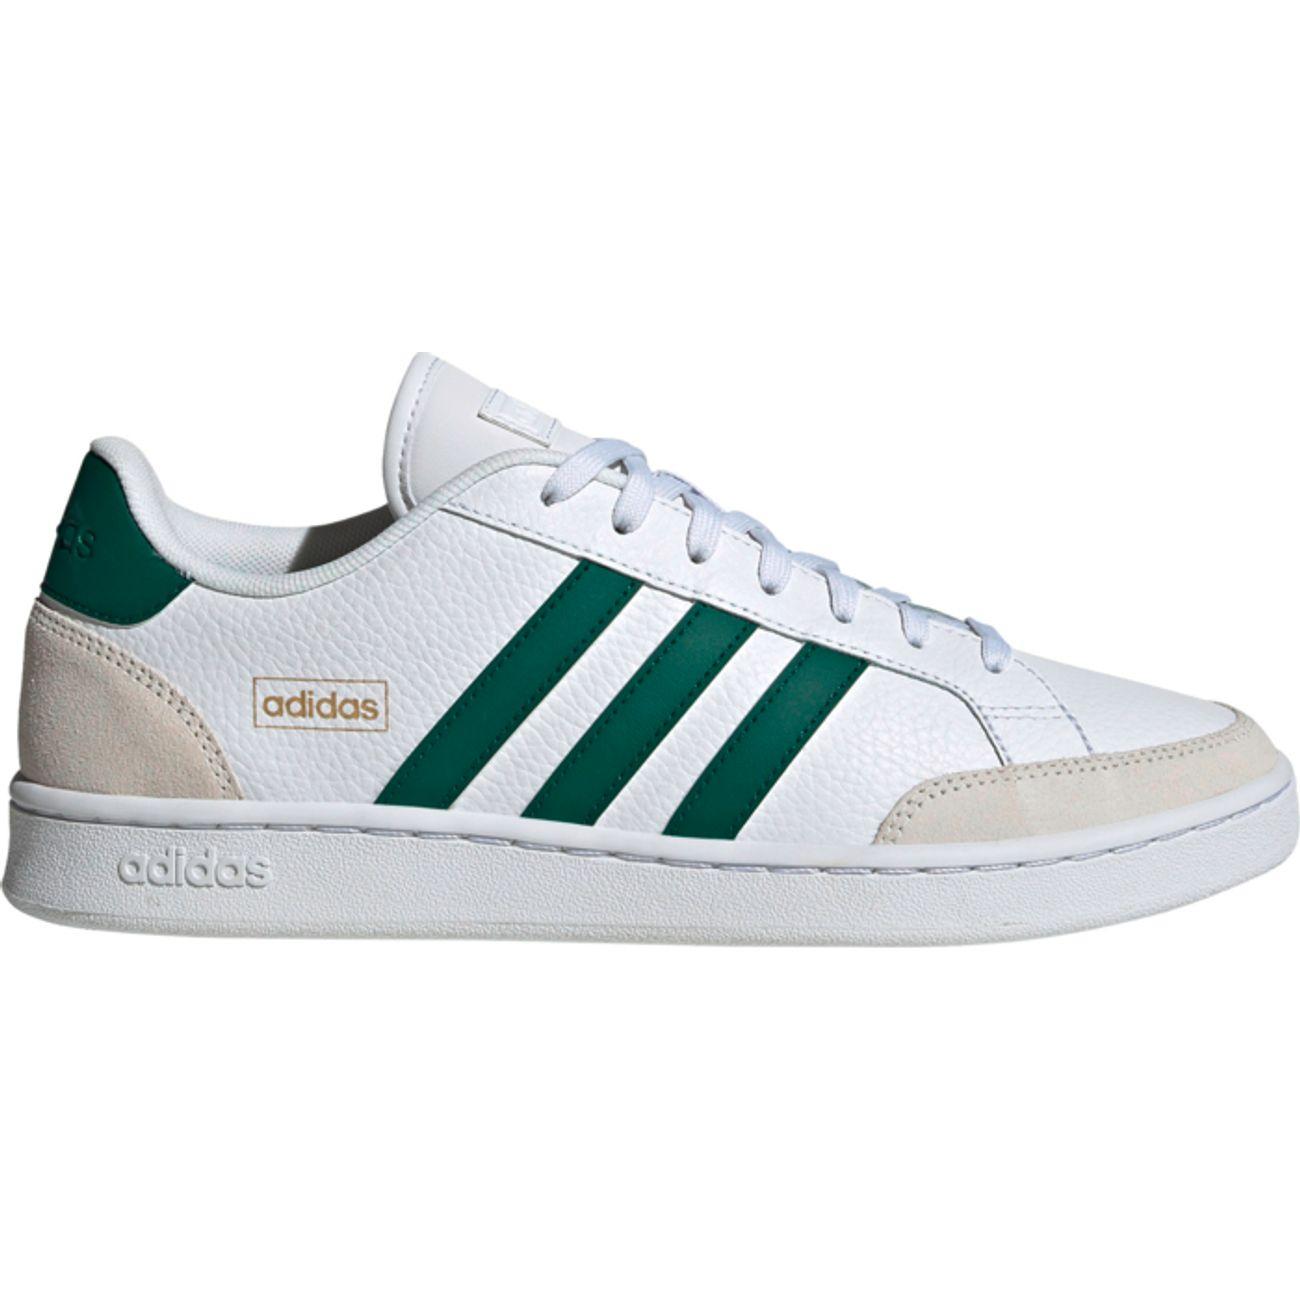 Chaussures de tennis homme Adidas grand court Se - Tailles au choix